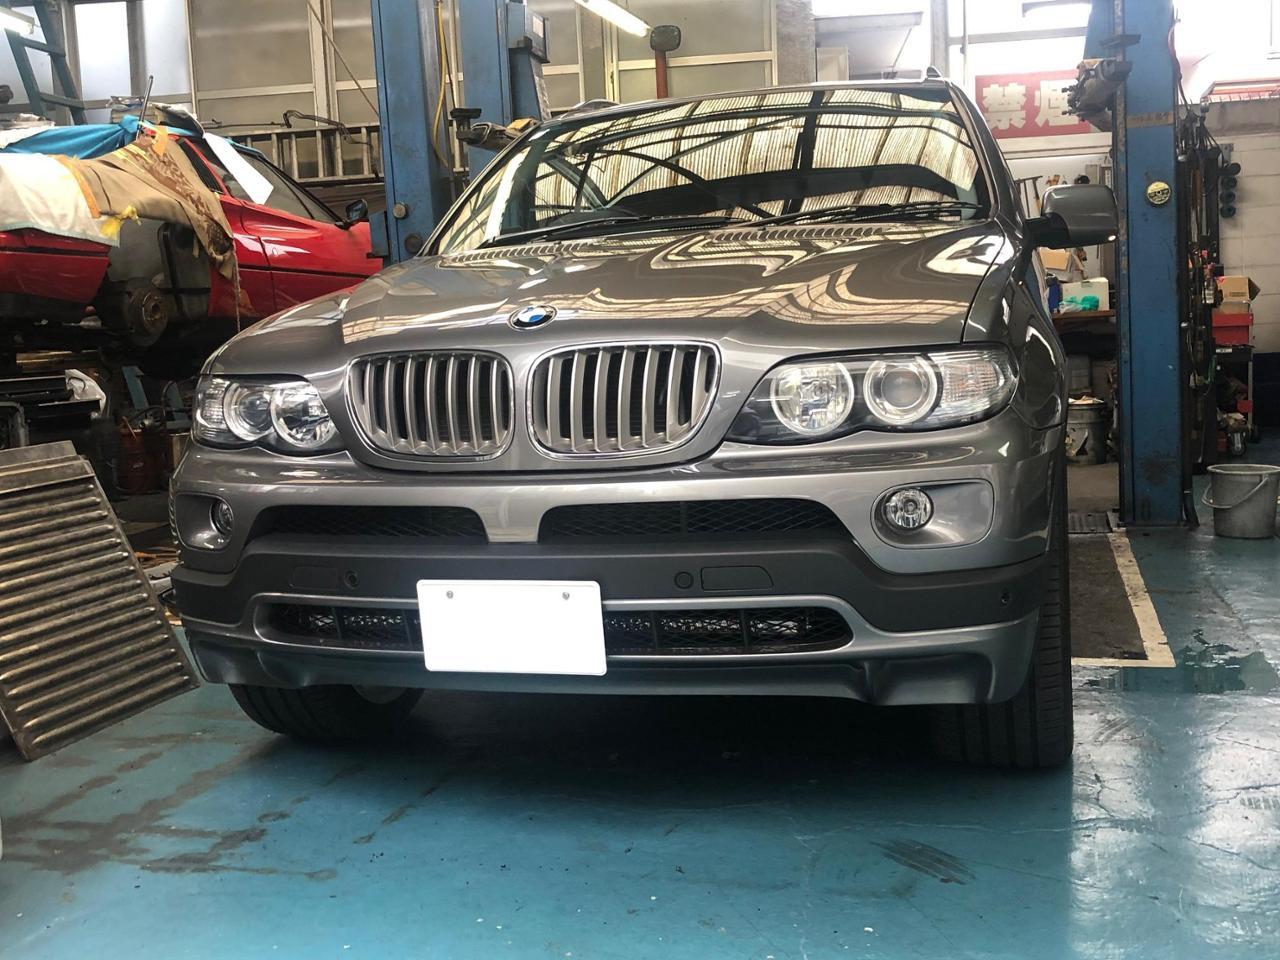 BMW(純正) 4.8is用フロントバンパー